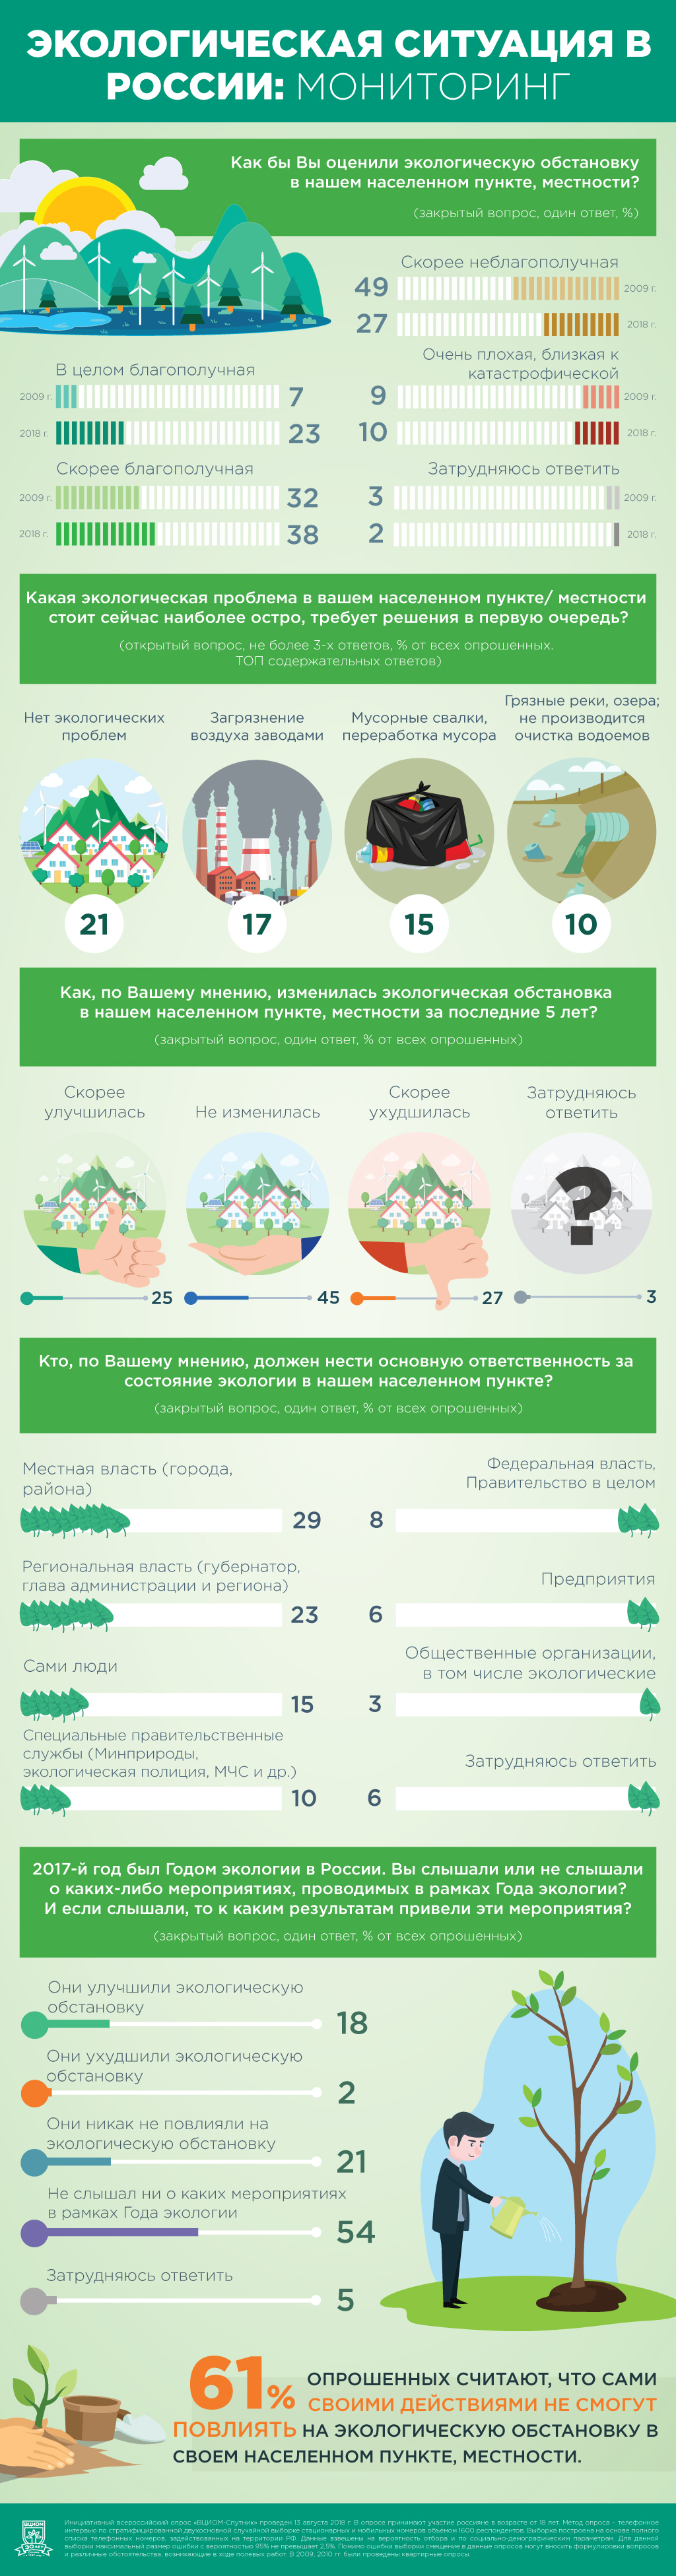 Экологическое сознание и экологическая мораль в техногенном мире